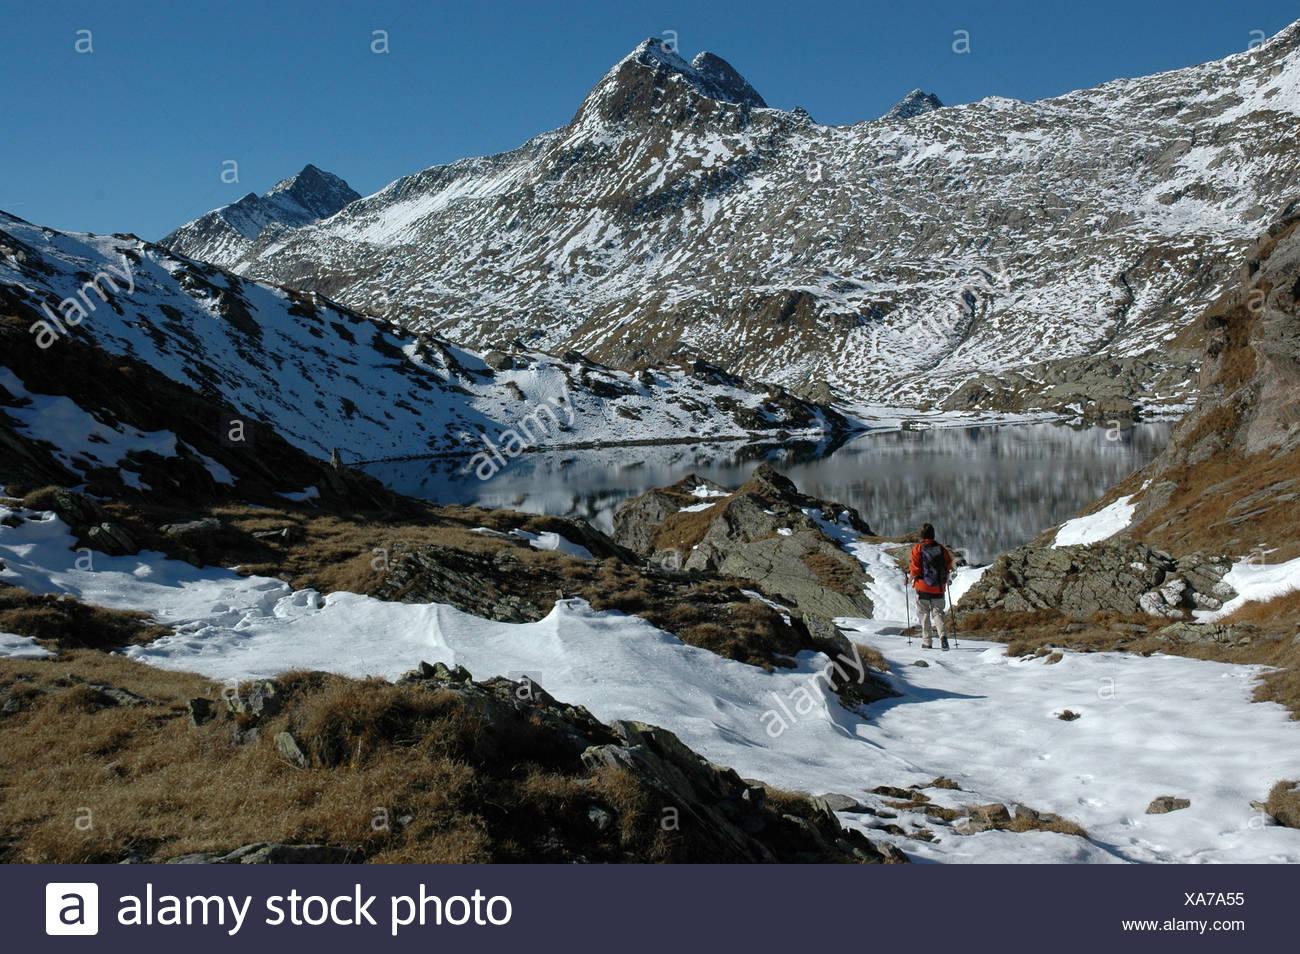 Escursionista, Lago di Dentro, Cadlimo, autunno, neve, Ticino, Svizzera, modello di rilascio, montagne, lago, sul mare Immagini Stock